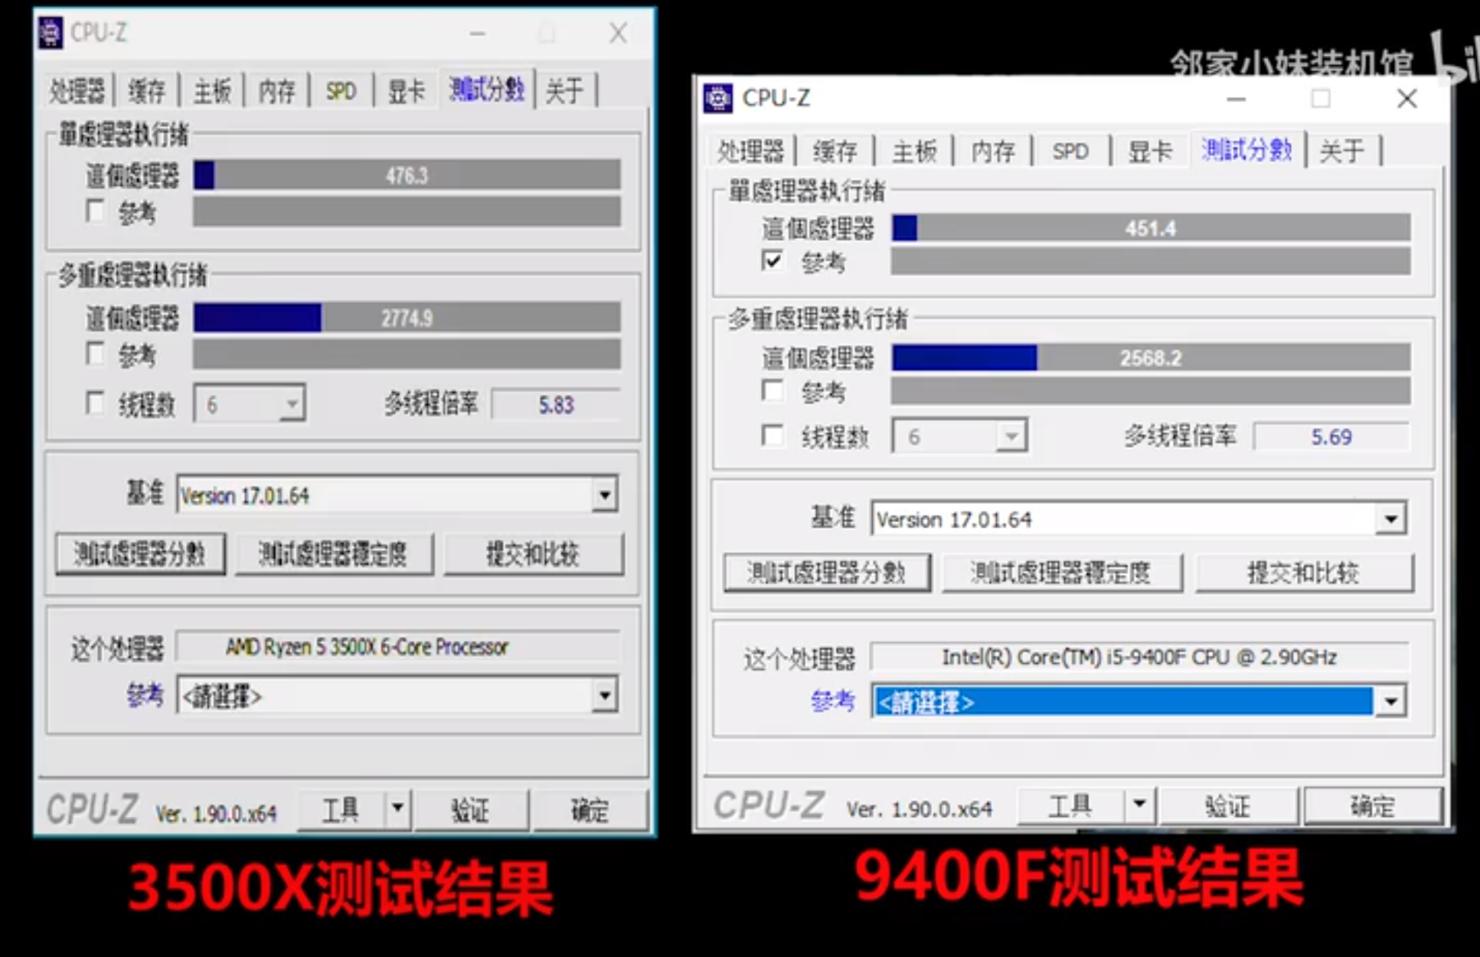 معالج AMD Ryzen 5 3500X تحت الإختبار